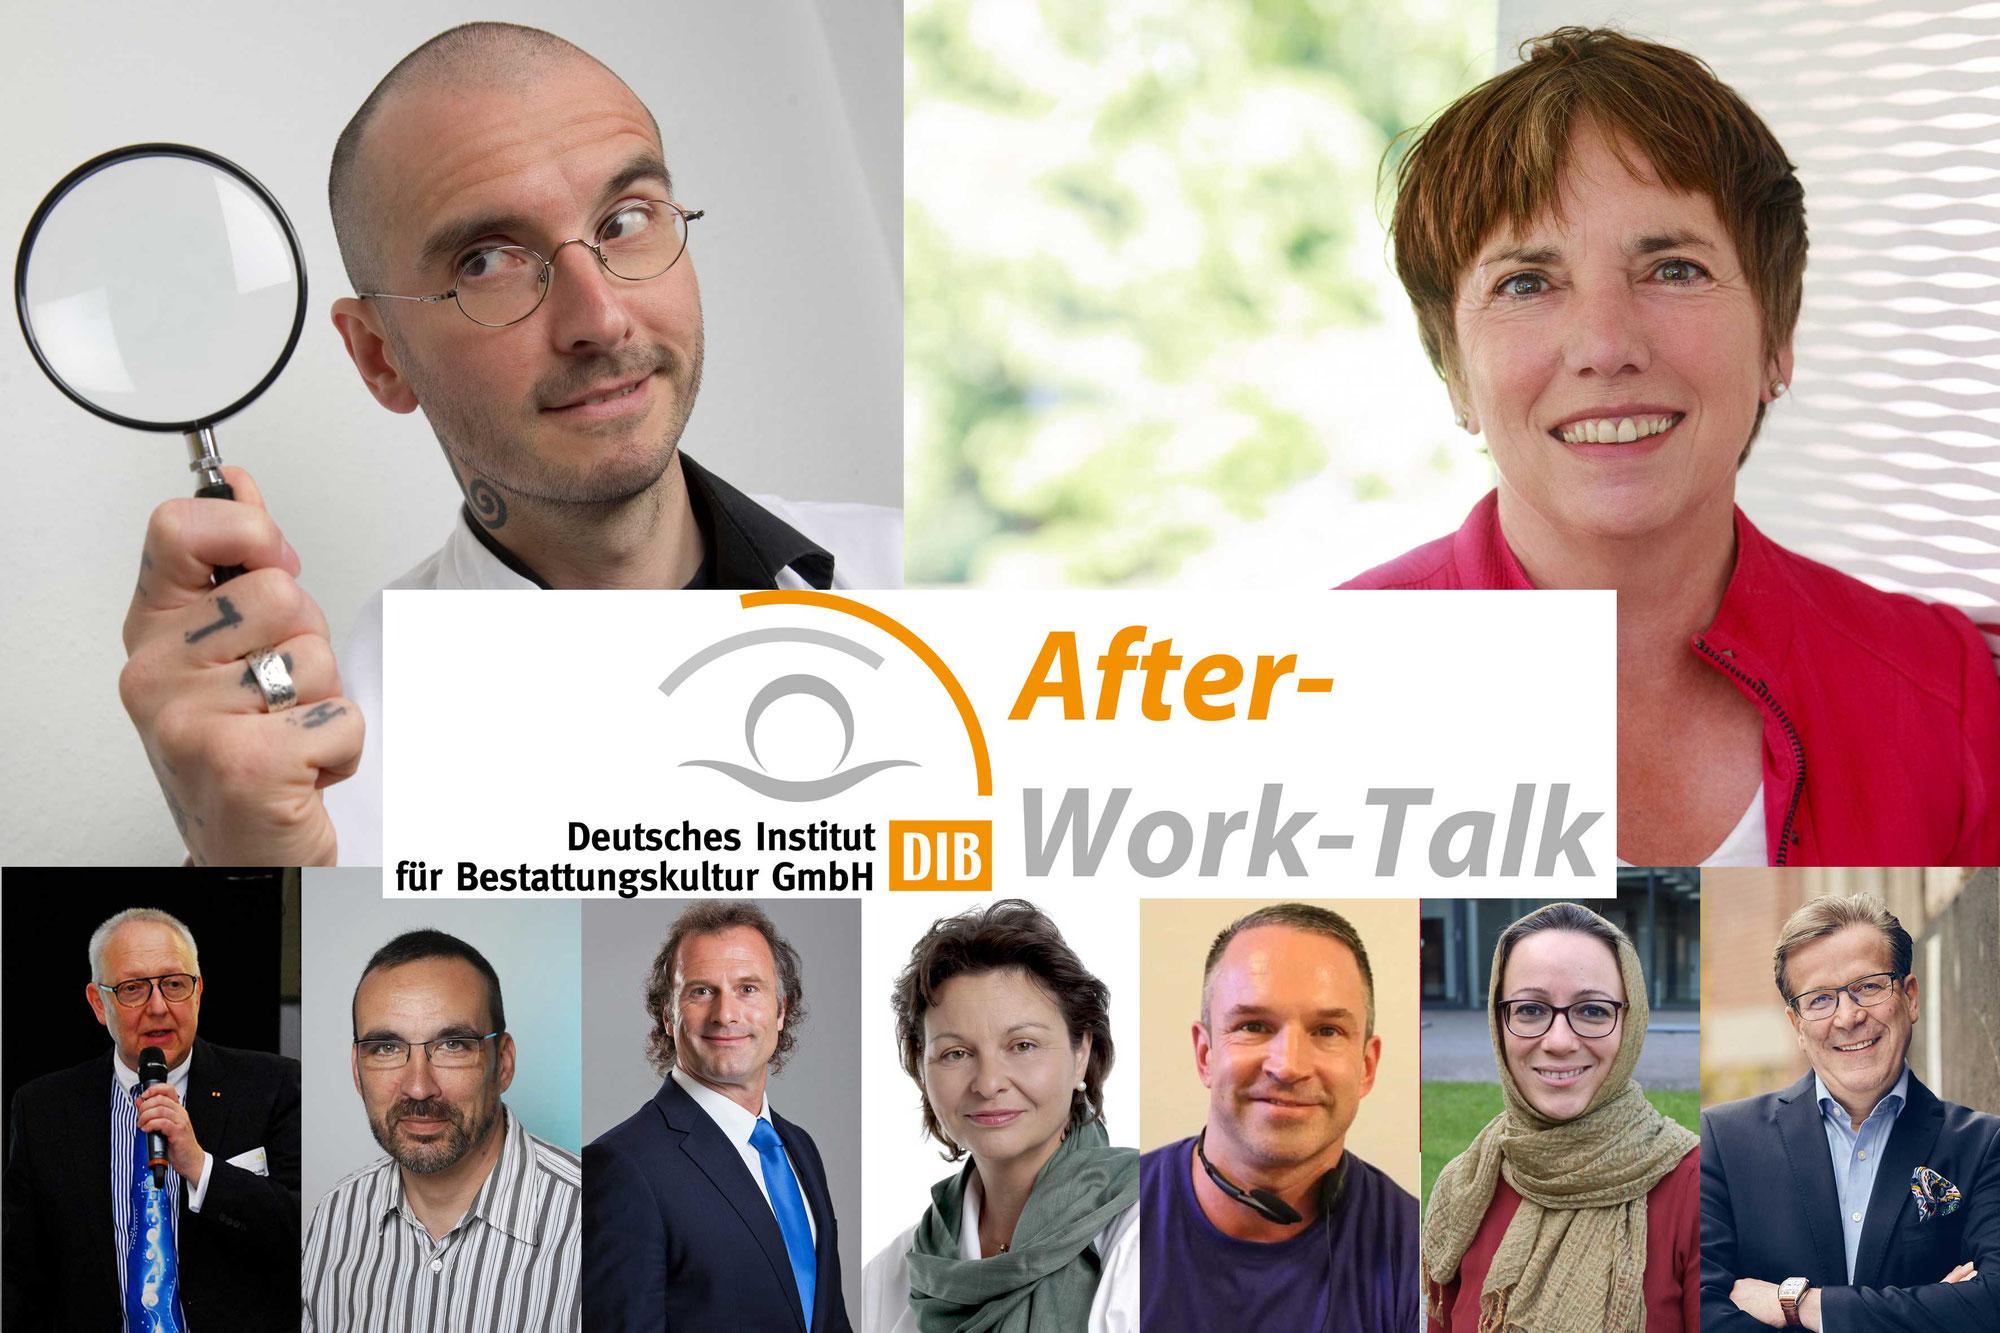 """DIB präsentiert neues virtuelles Format: """"After-Work-Talk"""" nicht nur für Bestatter"""